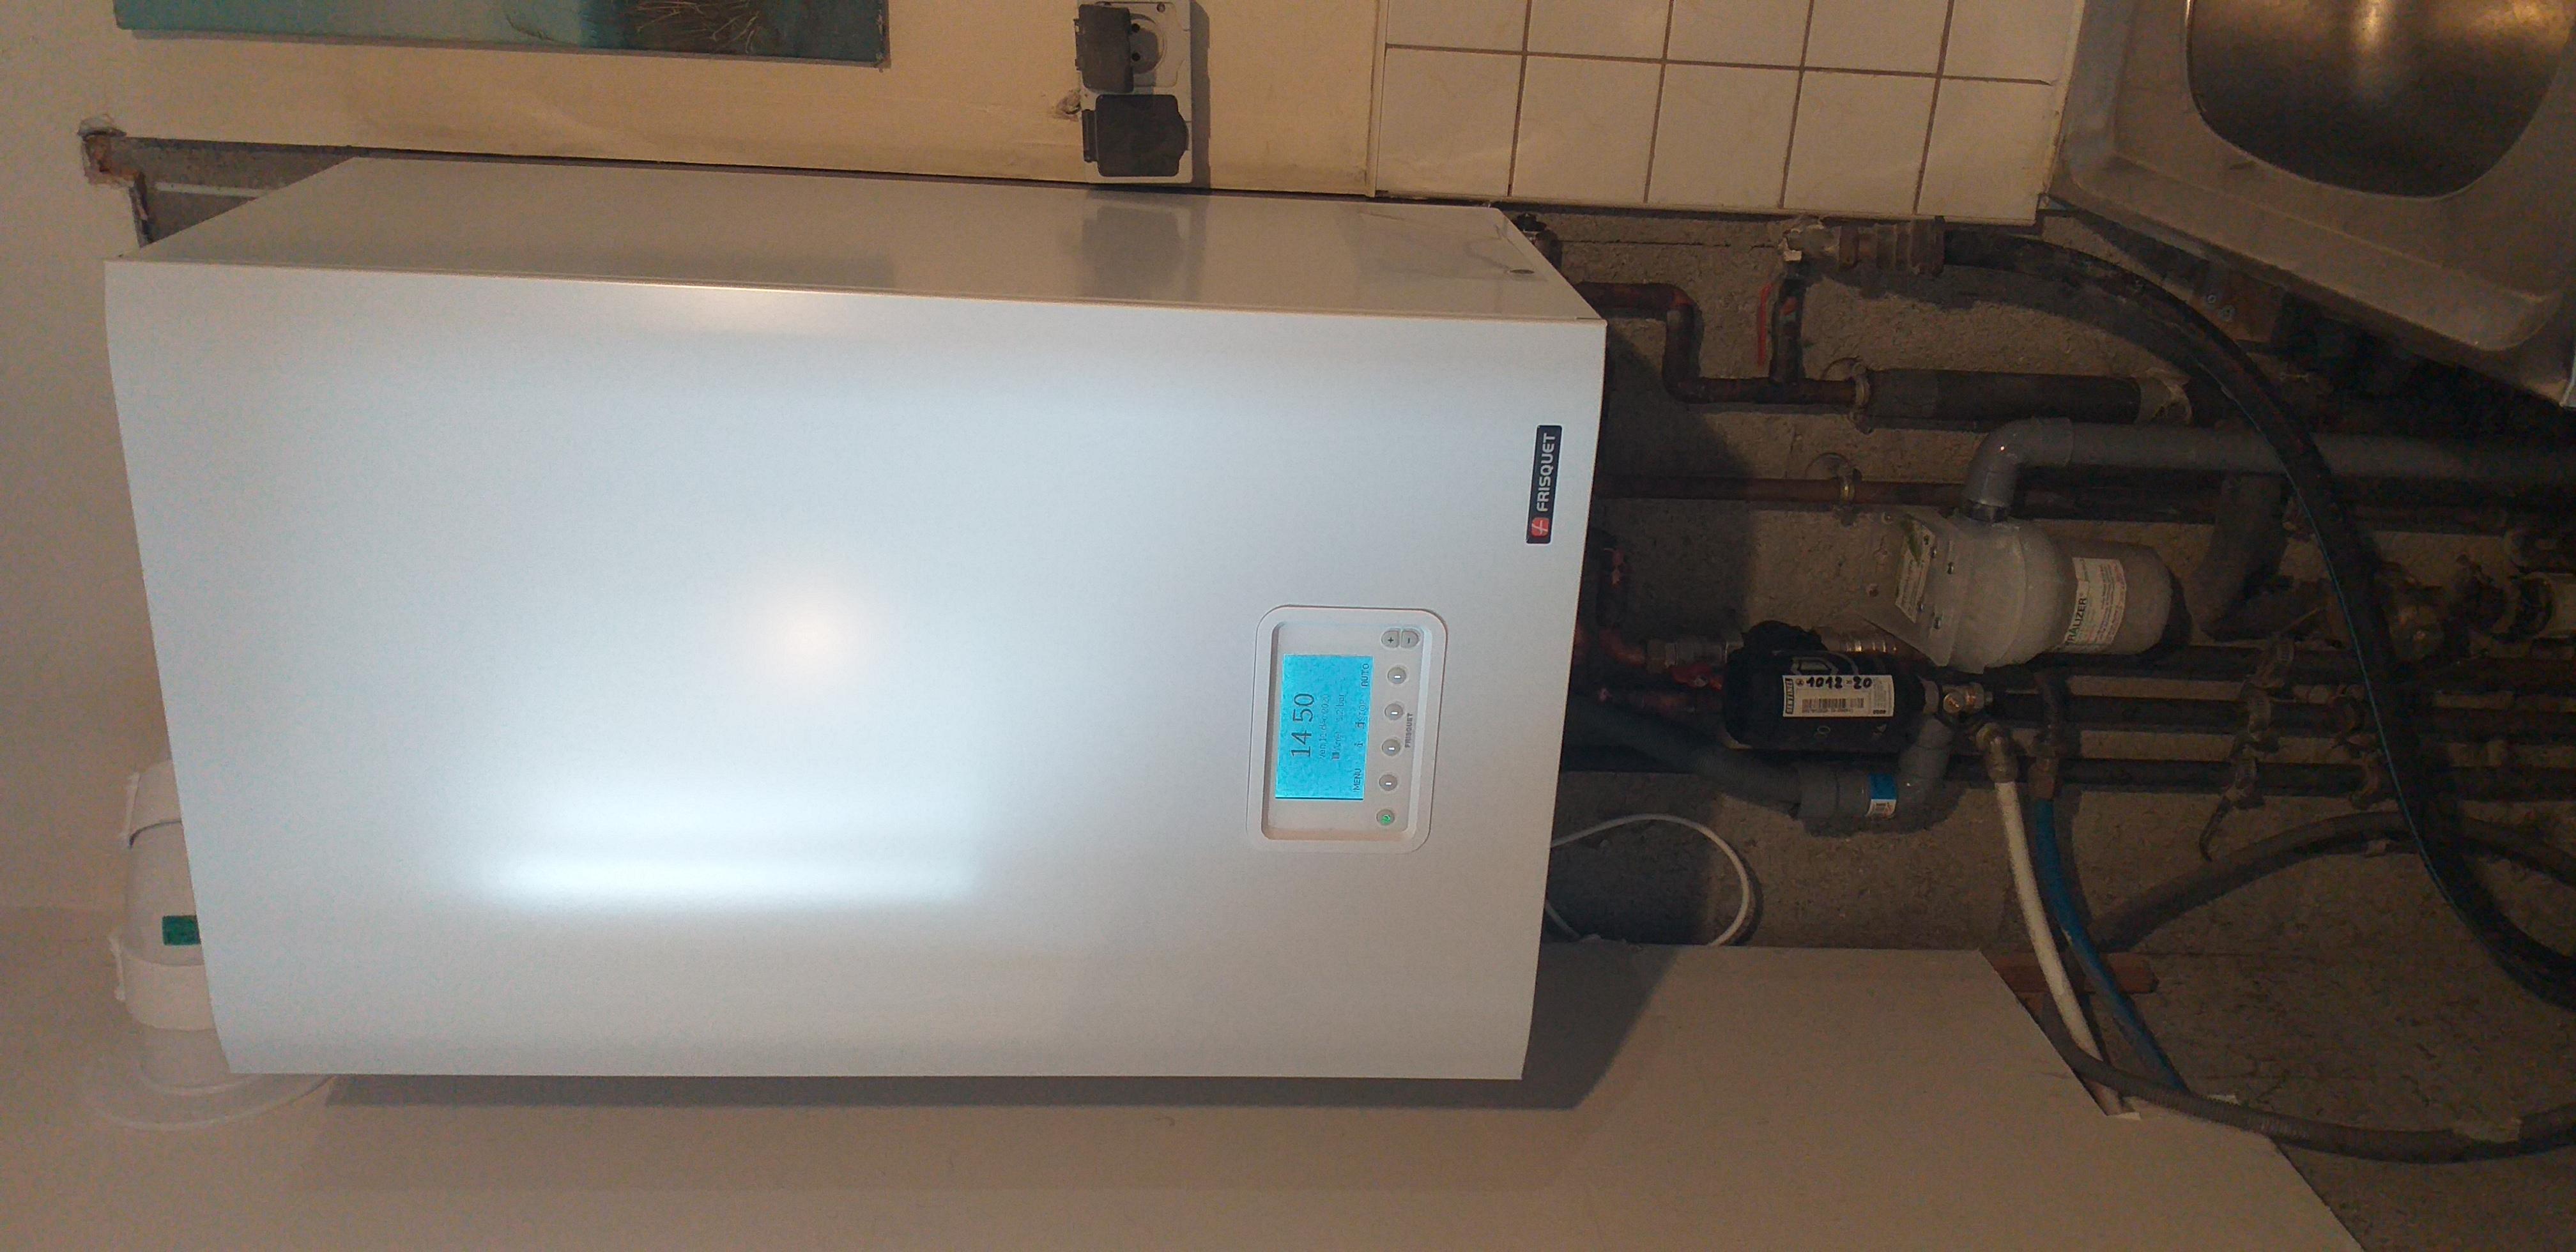 basse goulaine, remplacement d'une chaudière frisquet non condensation par une chaudière gaz condensation frisquet